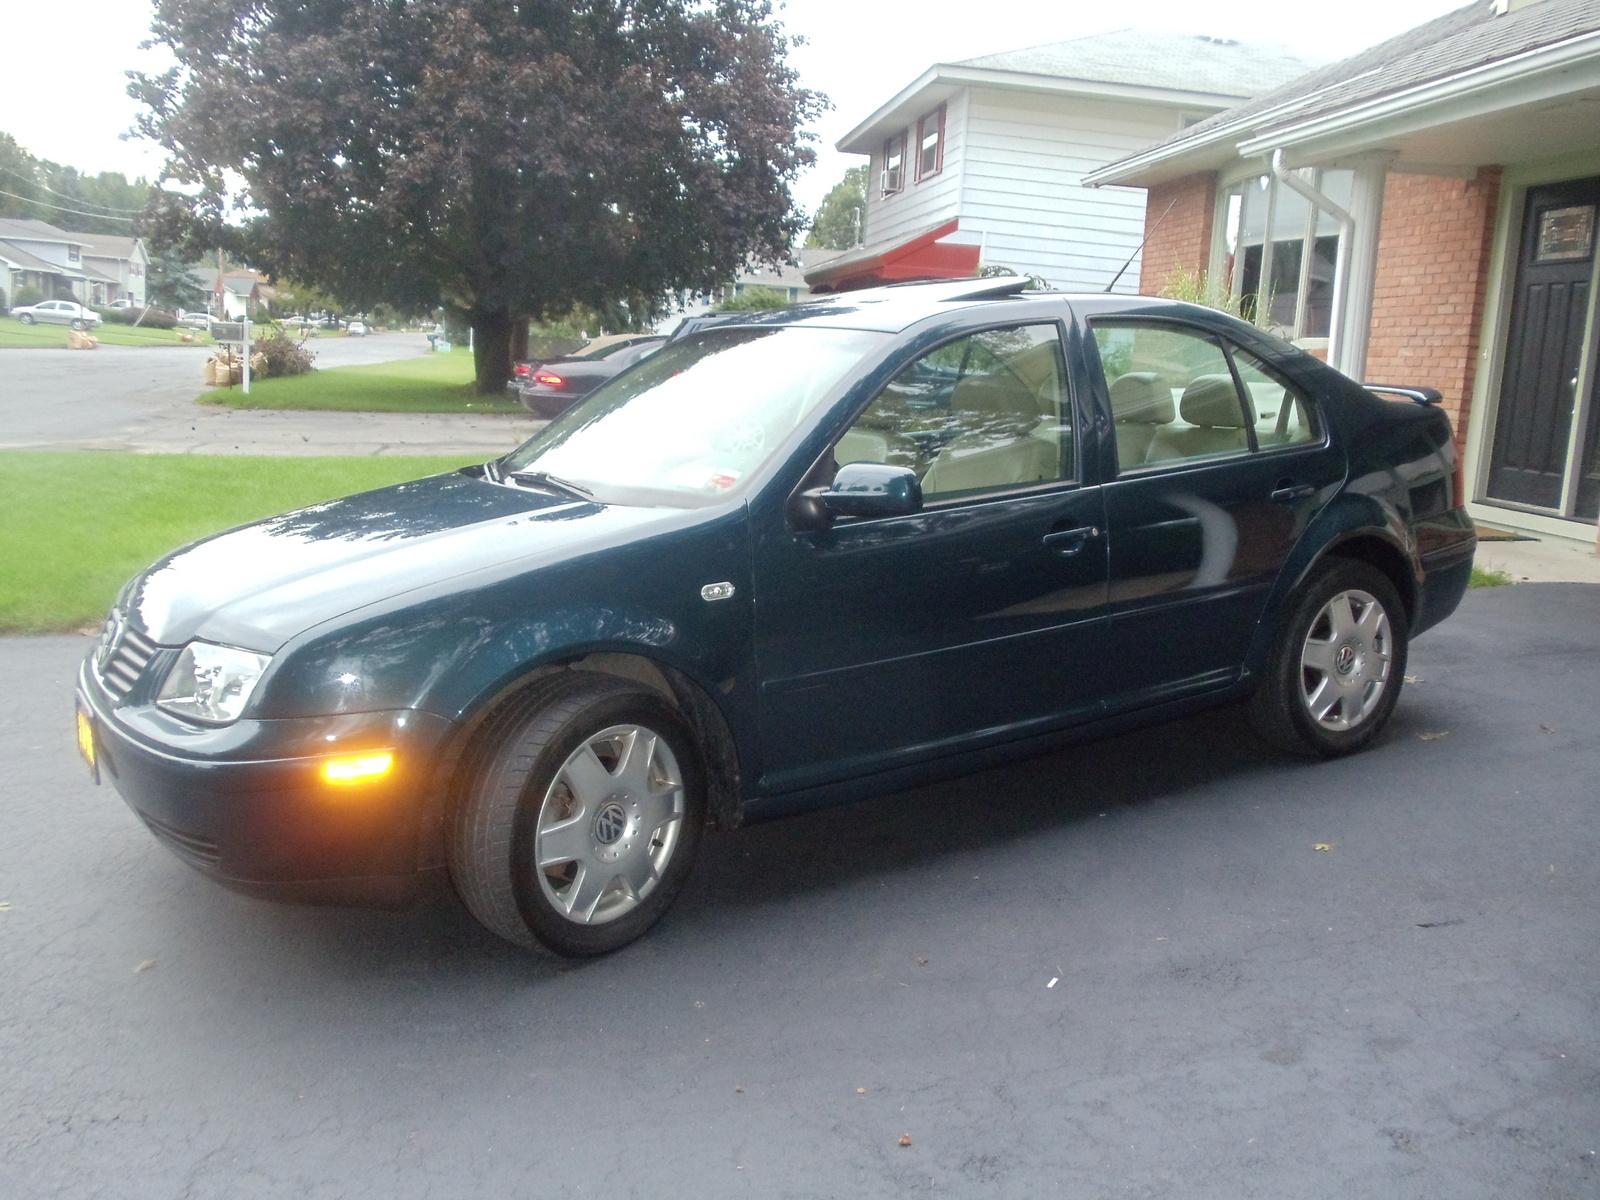 2001 Volkswagen Jetta - Exterior Pictures - CarGurus